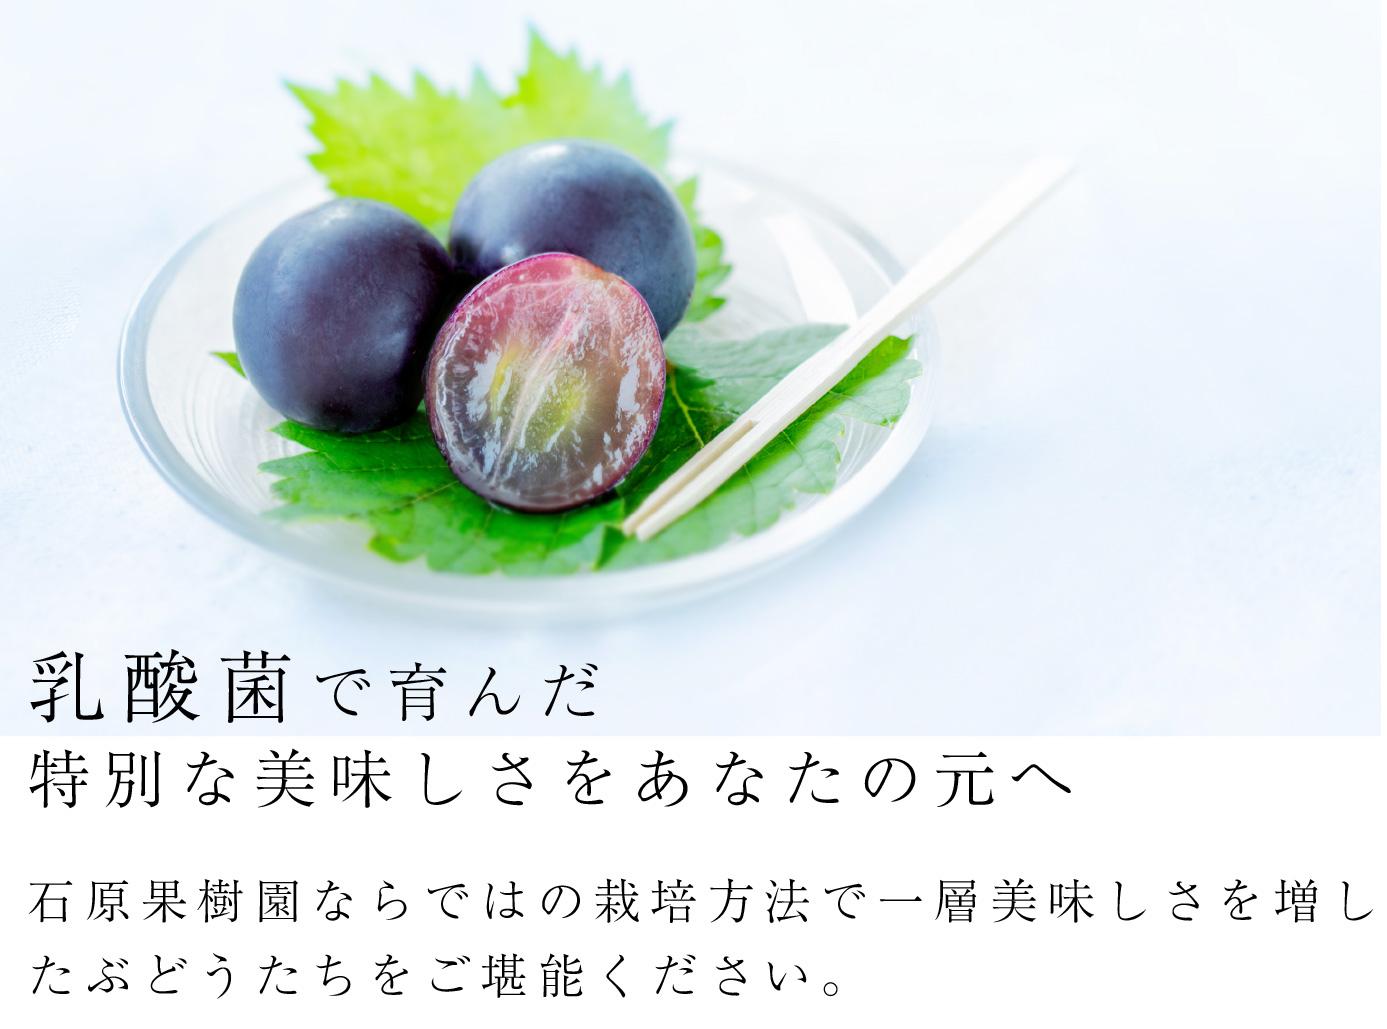 乳酸菌で育んだ特別な美味しさをあなたの元へ。石原果樹園ならではの栽培方法で一層美味しさを増したぶどうたちをご堪能ください。